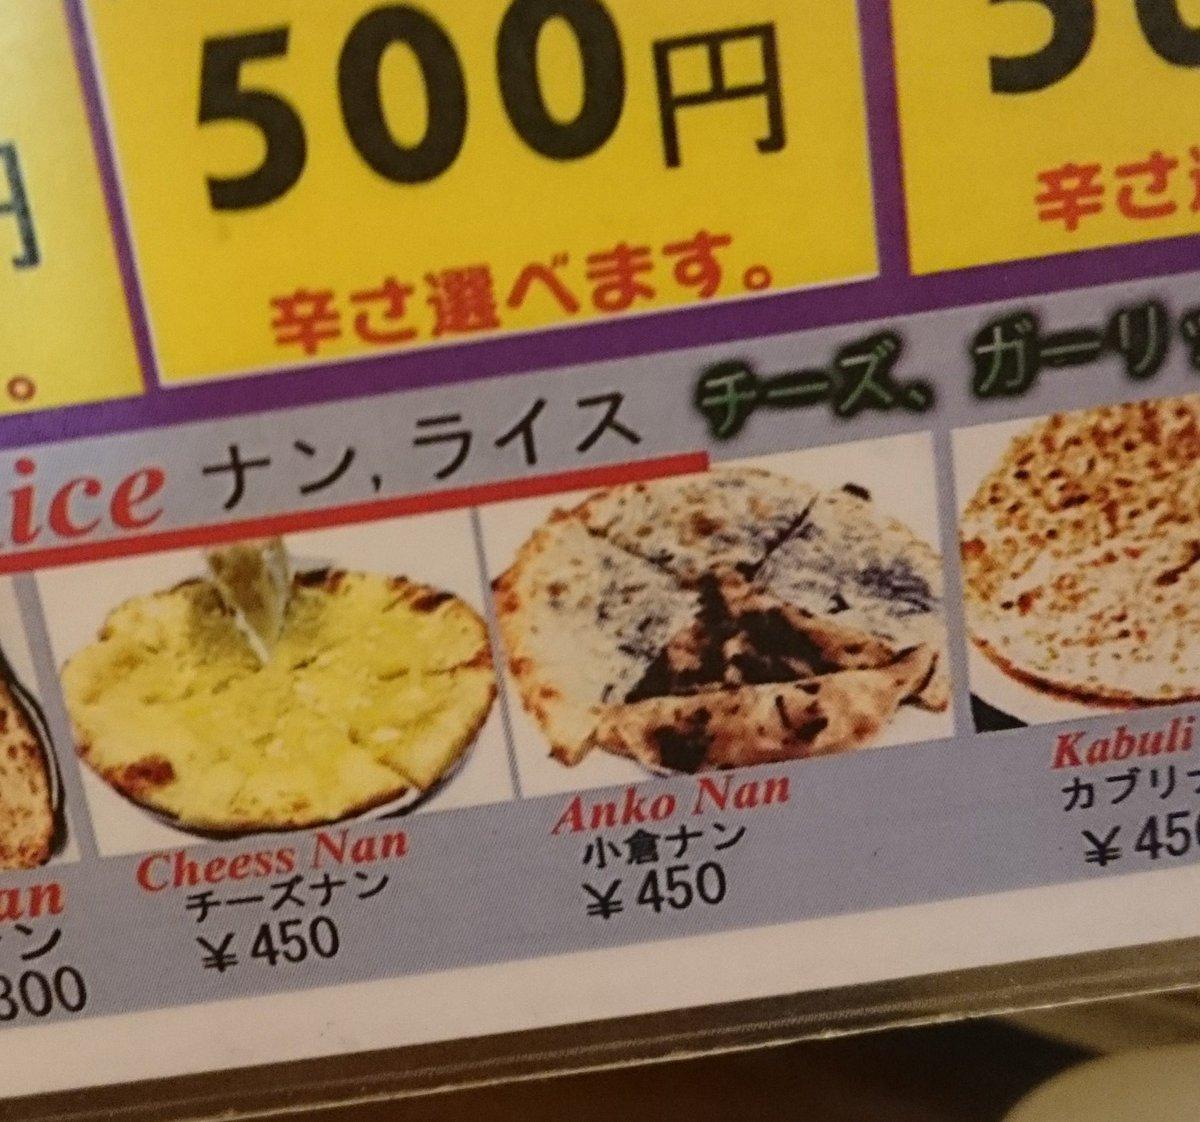 ナン「名古屋の食文化には勝てなかったよ」 https://t.co/7fcN1QOMPA